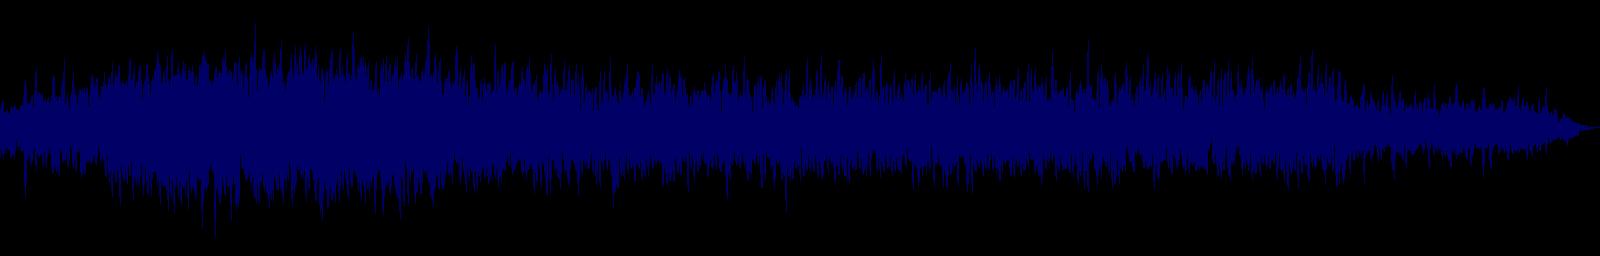 waveform of track #135605